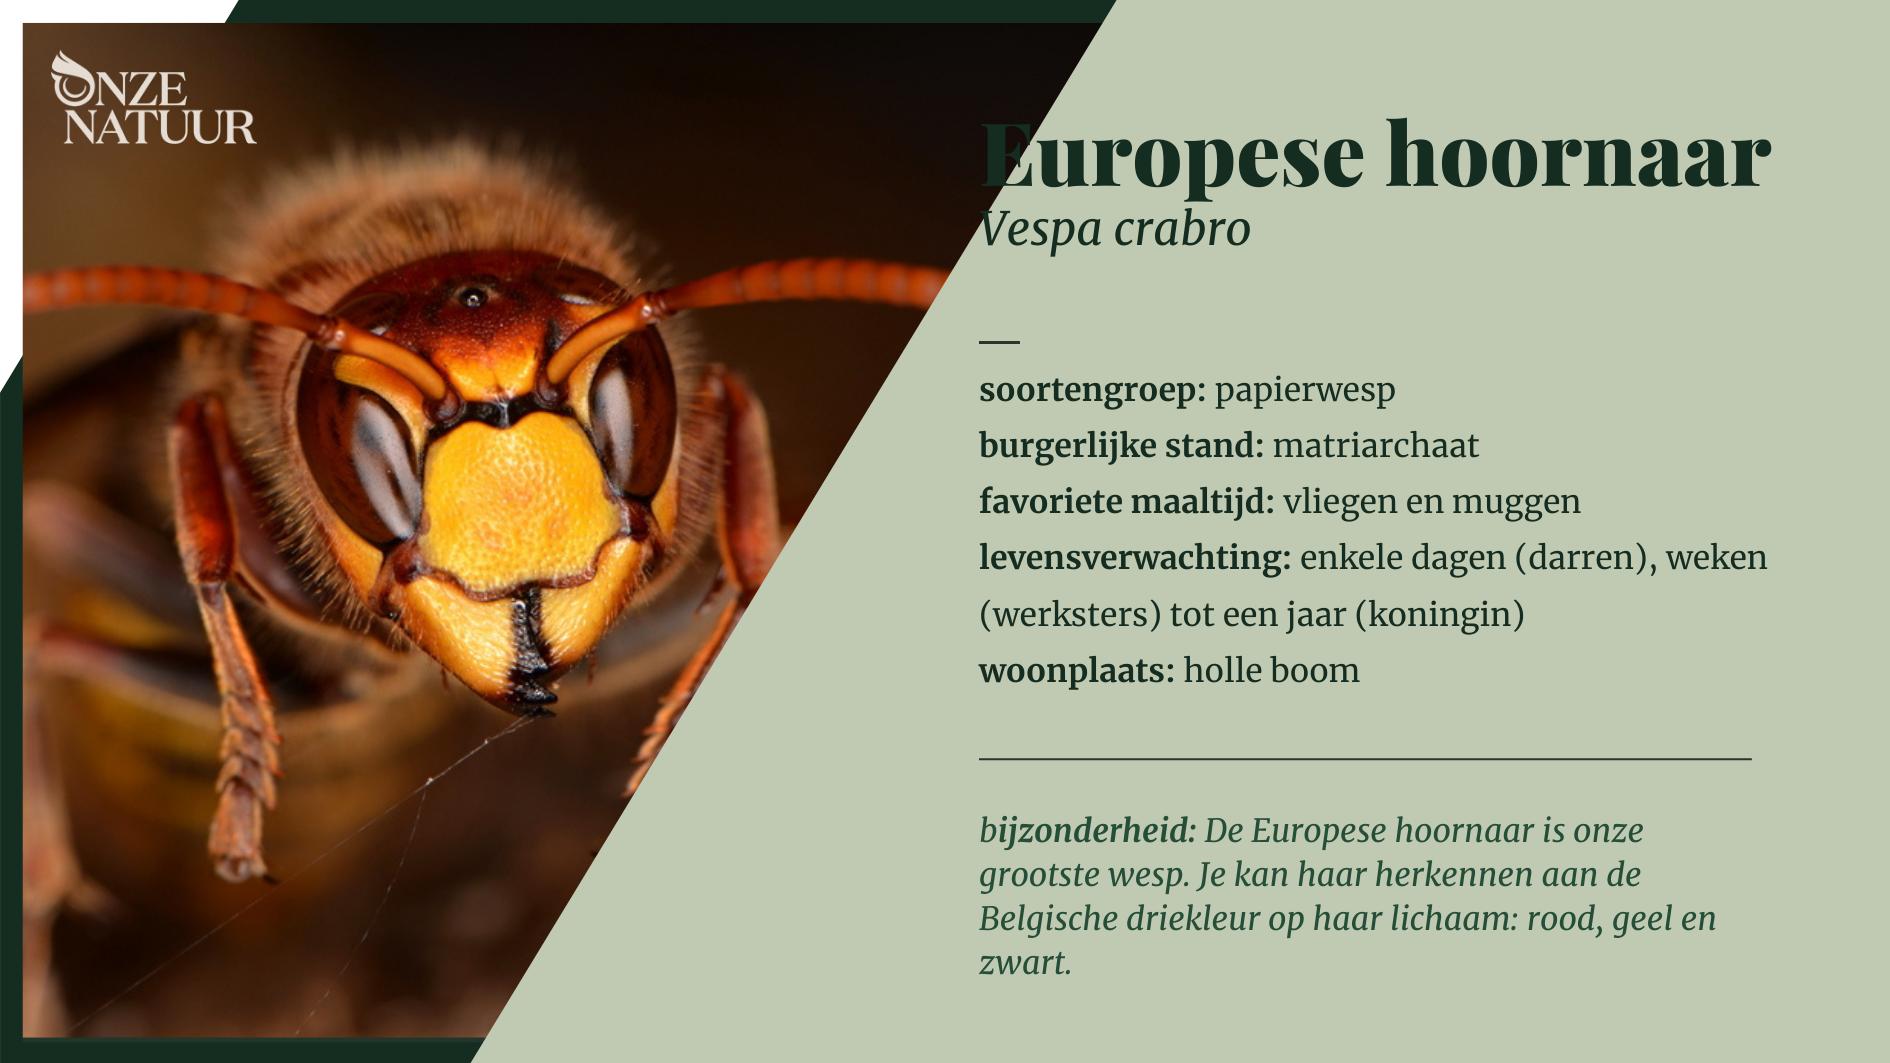 europese-hoornaar-soortenfiche.png